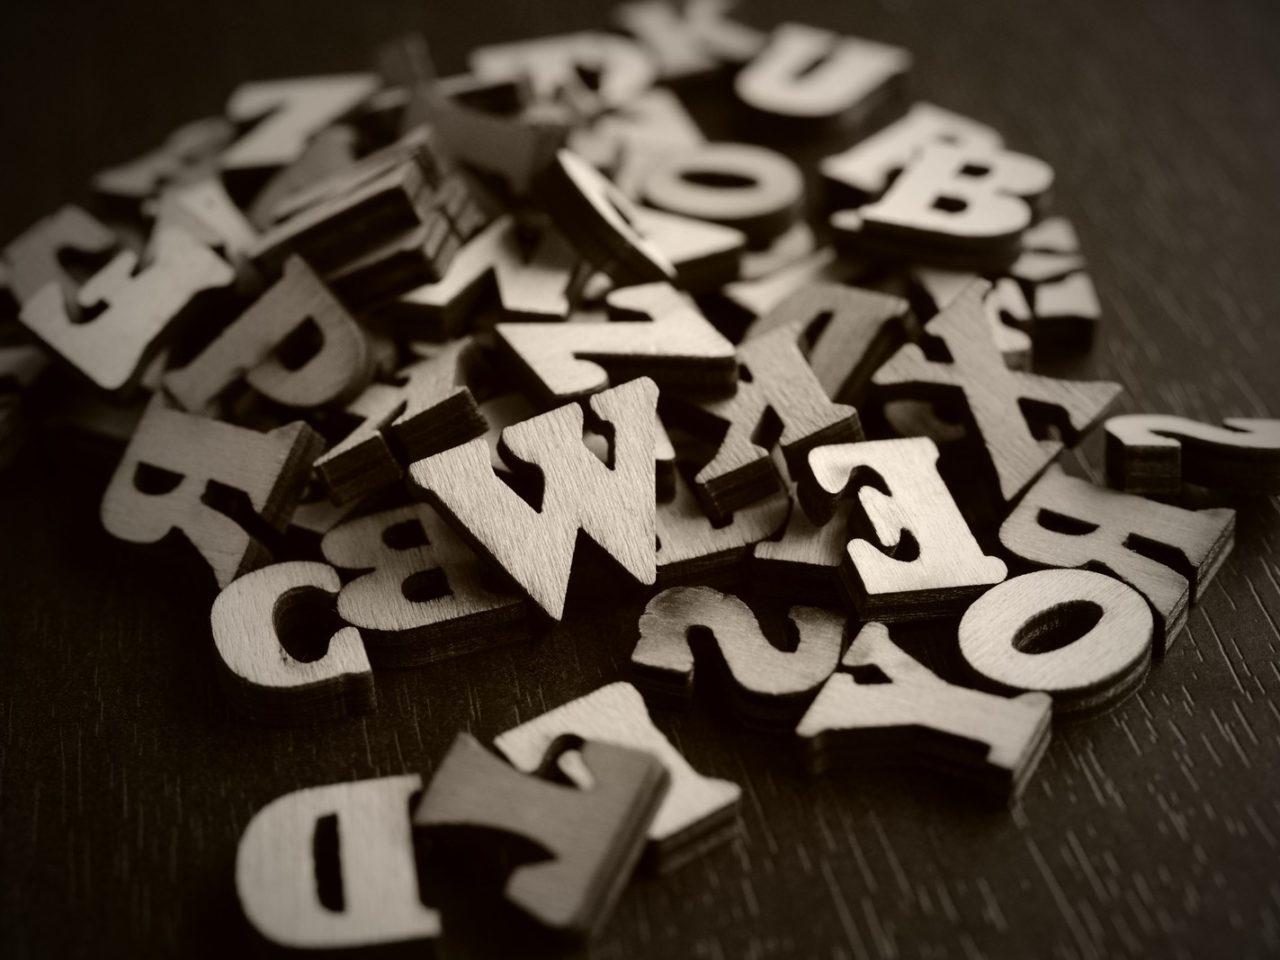 アルファベット(英語)の特殊文字&記号一覧(コピー機能あり)筆記体や斜めの可愛い特殊文字のサムネイル画像